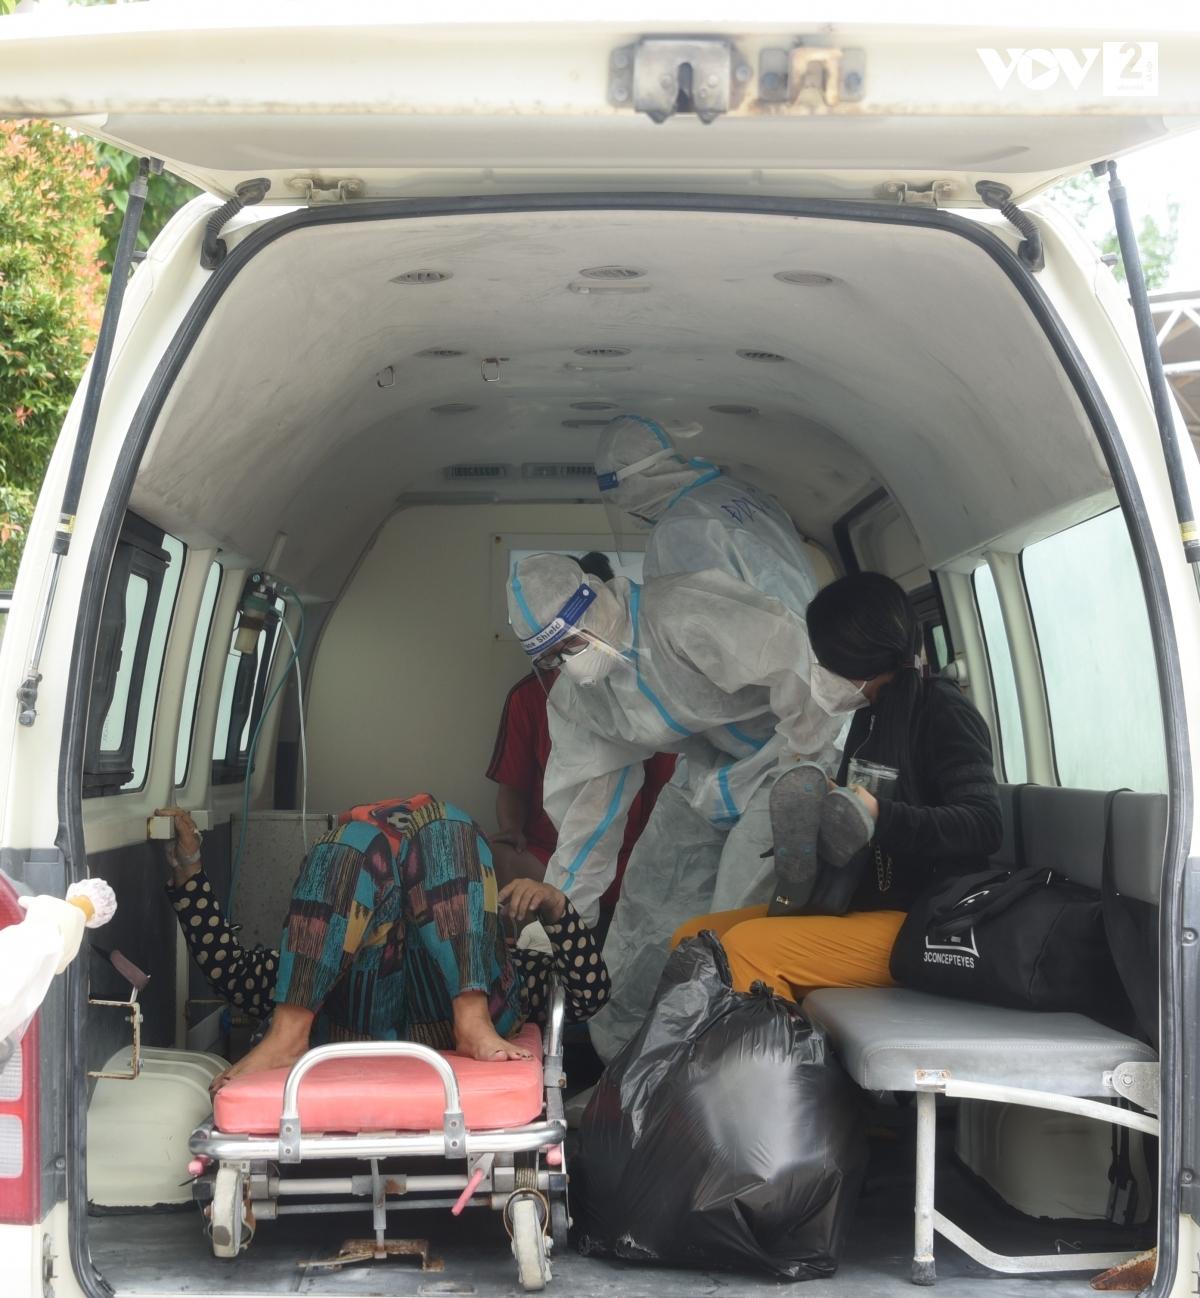 Xe cứu thương đợi sẵn để chuyển lên tuyến trên. Ảnh: Thi Uyên